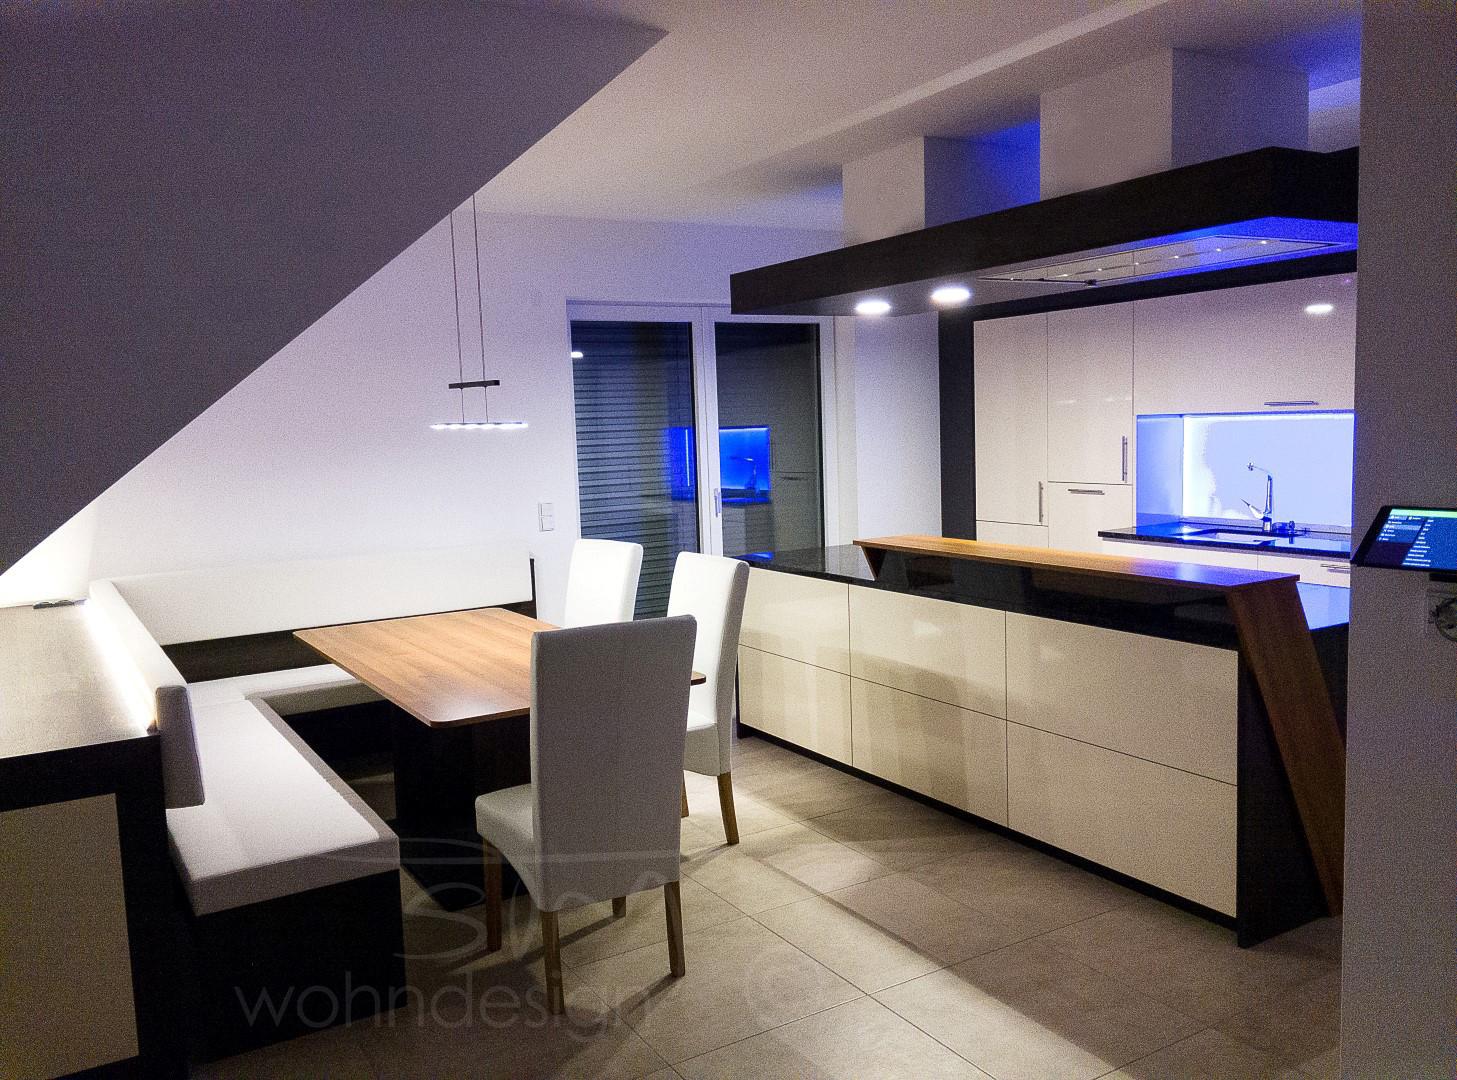 Küche design (8)1